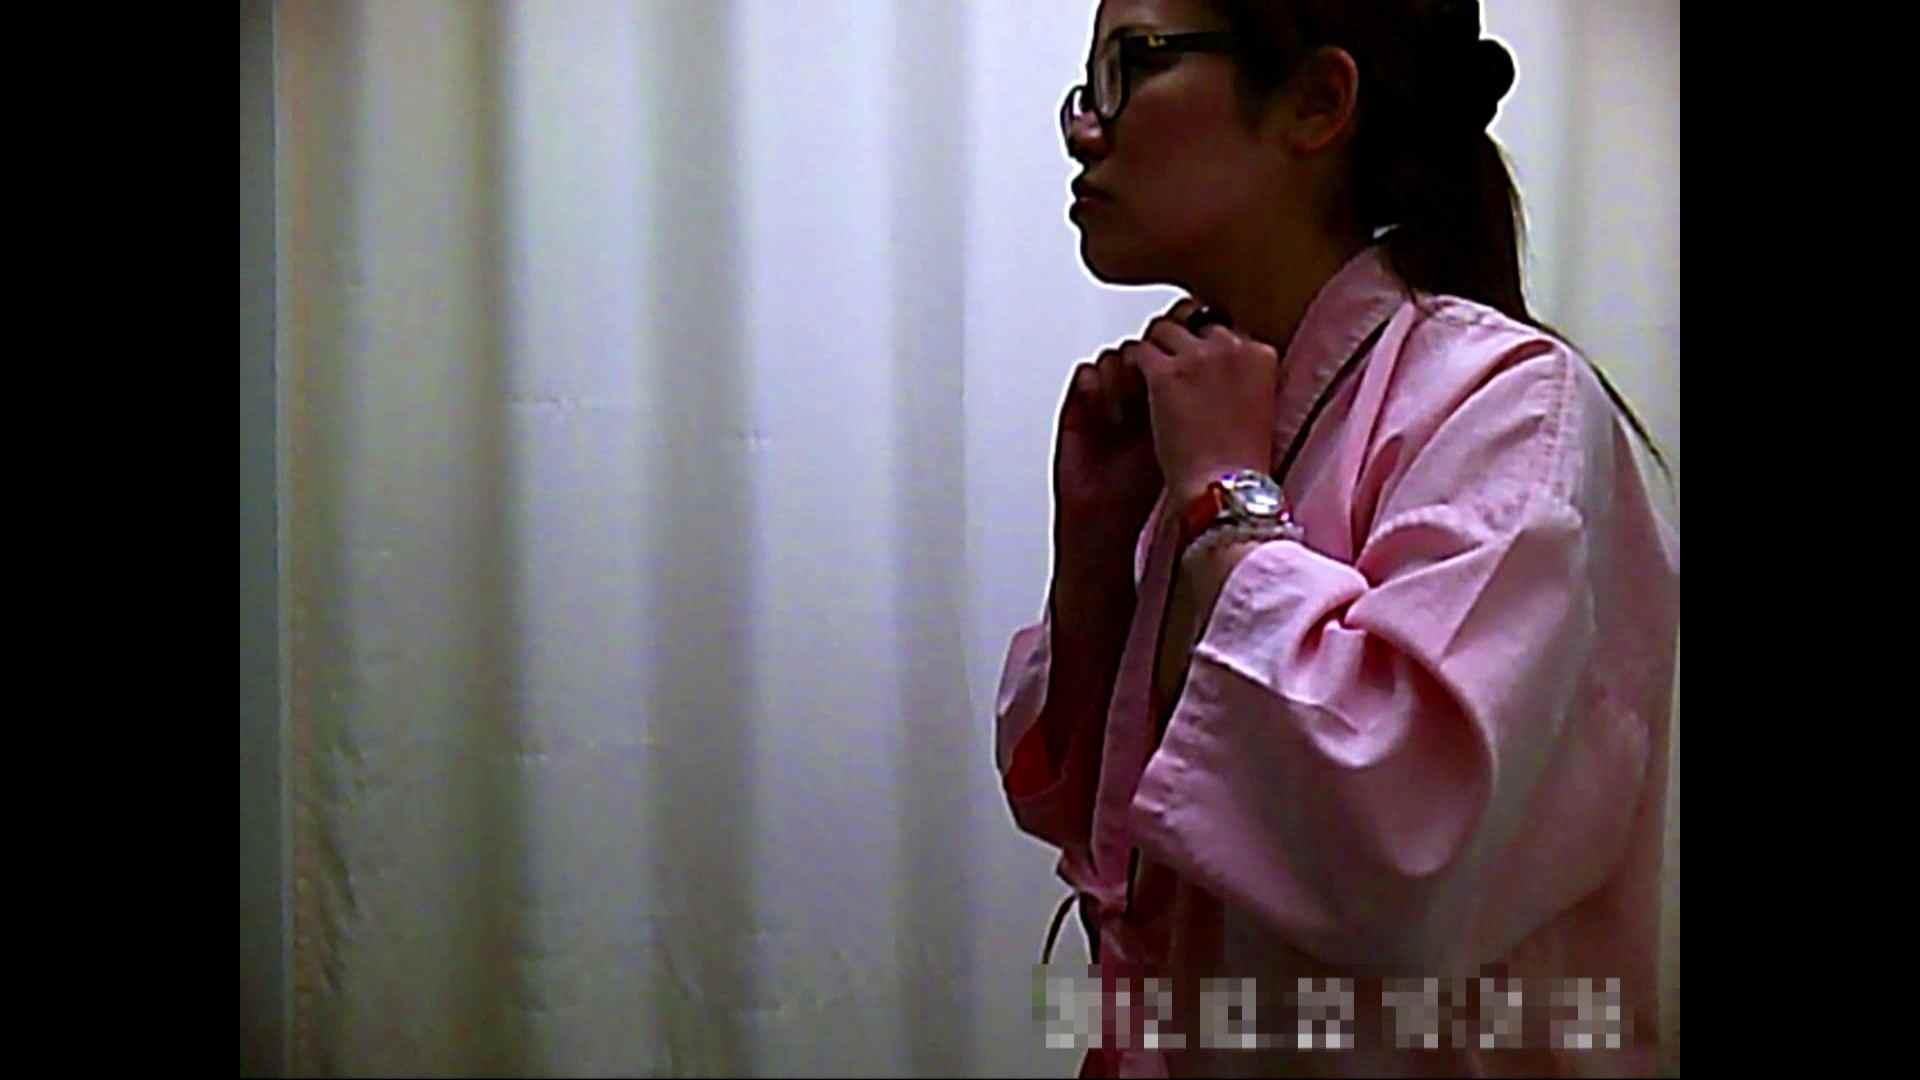 病院おもいっきり着替え! vol.261 乳首 オマンコ動画キャプチャ 104pic 61